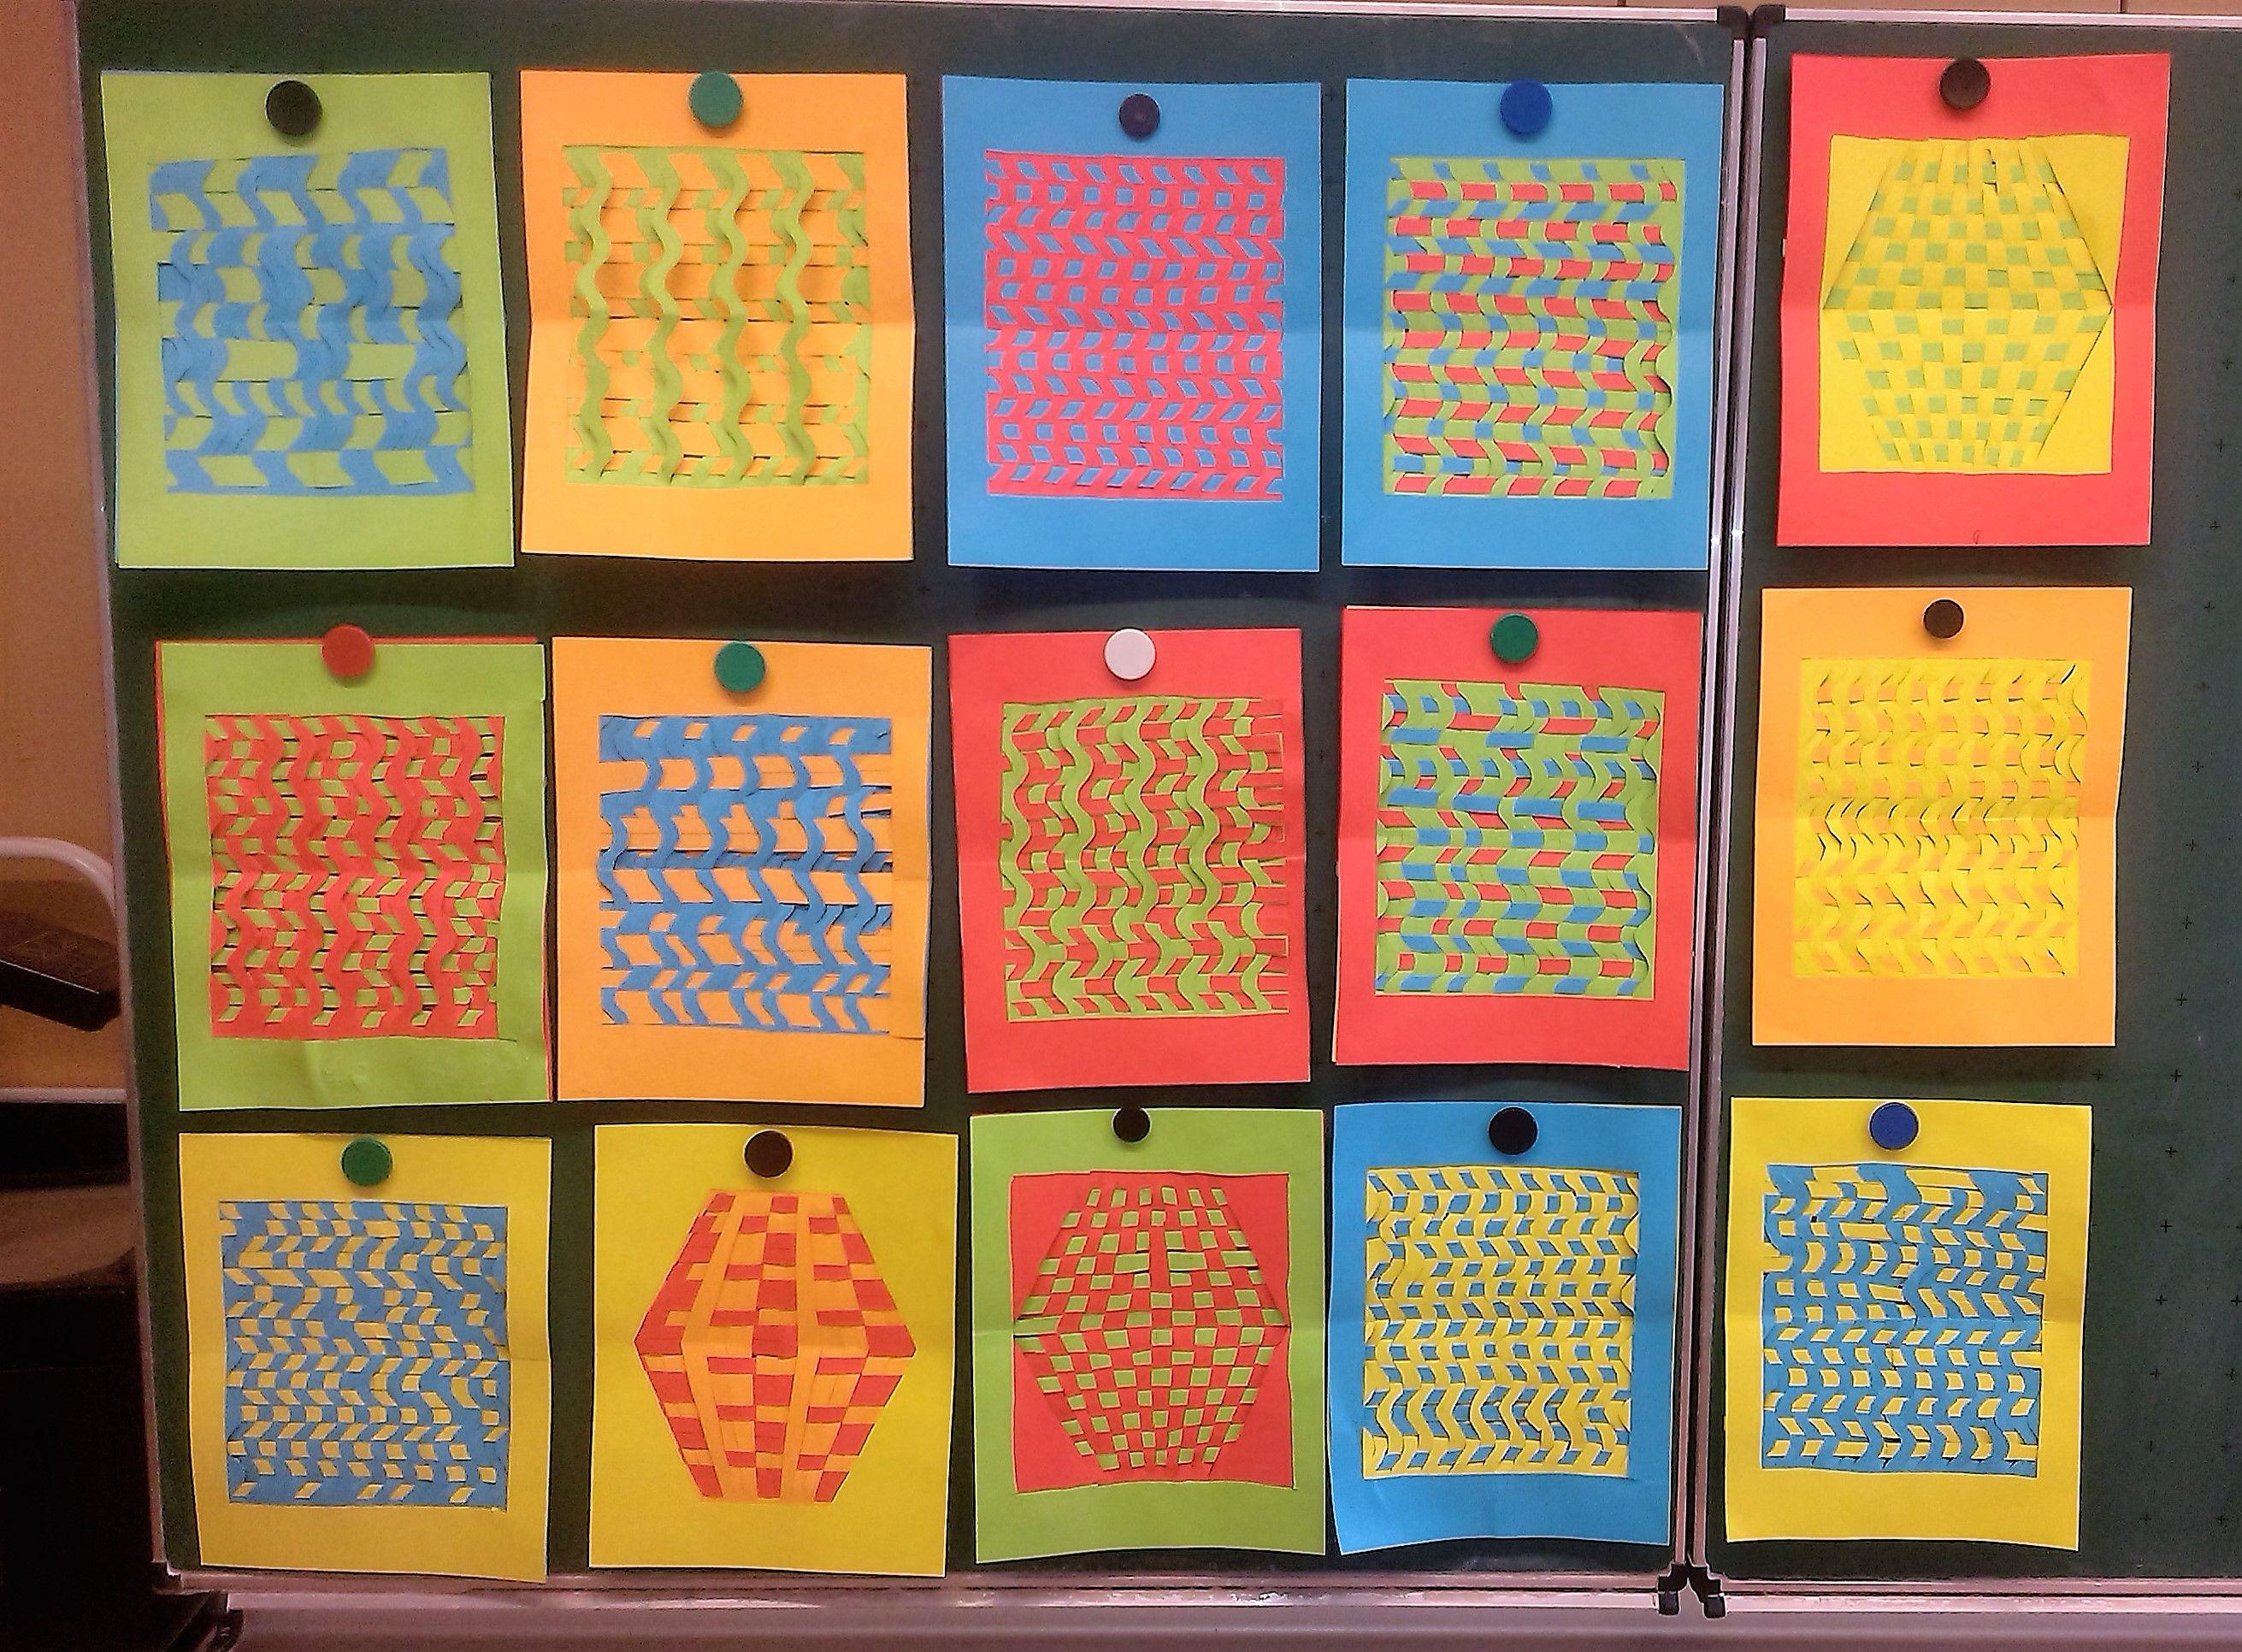 Mit diesen Flechtmatten vom Labbé Verlag haben die Kinder in der dritten Klasse viel Spaß!